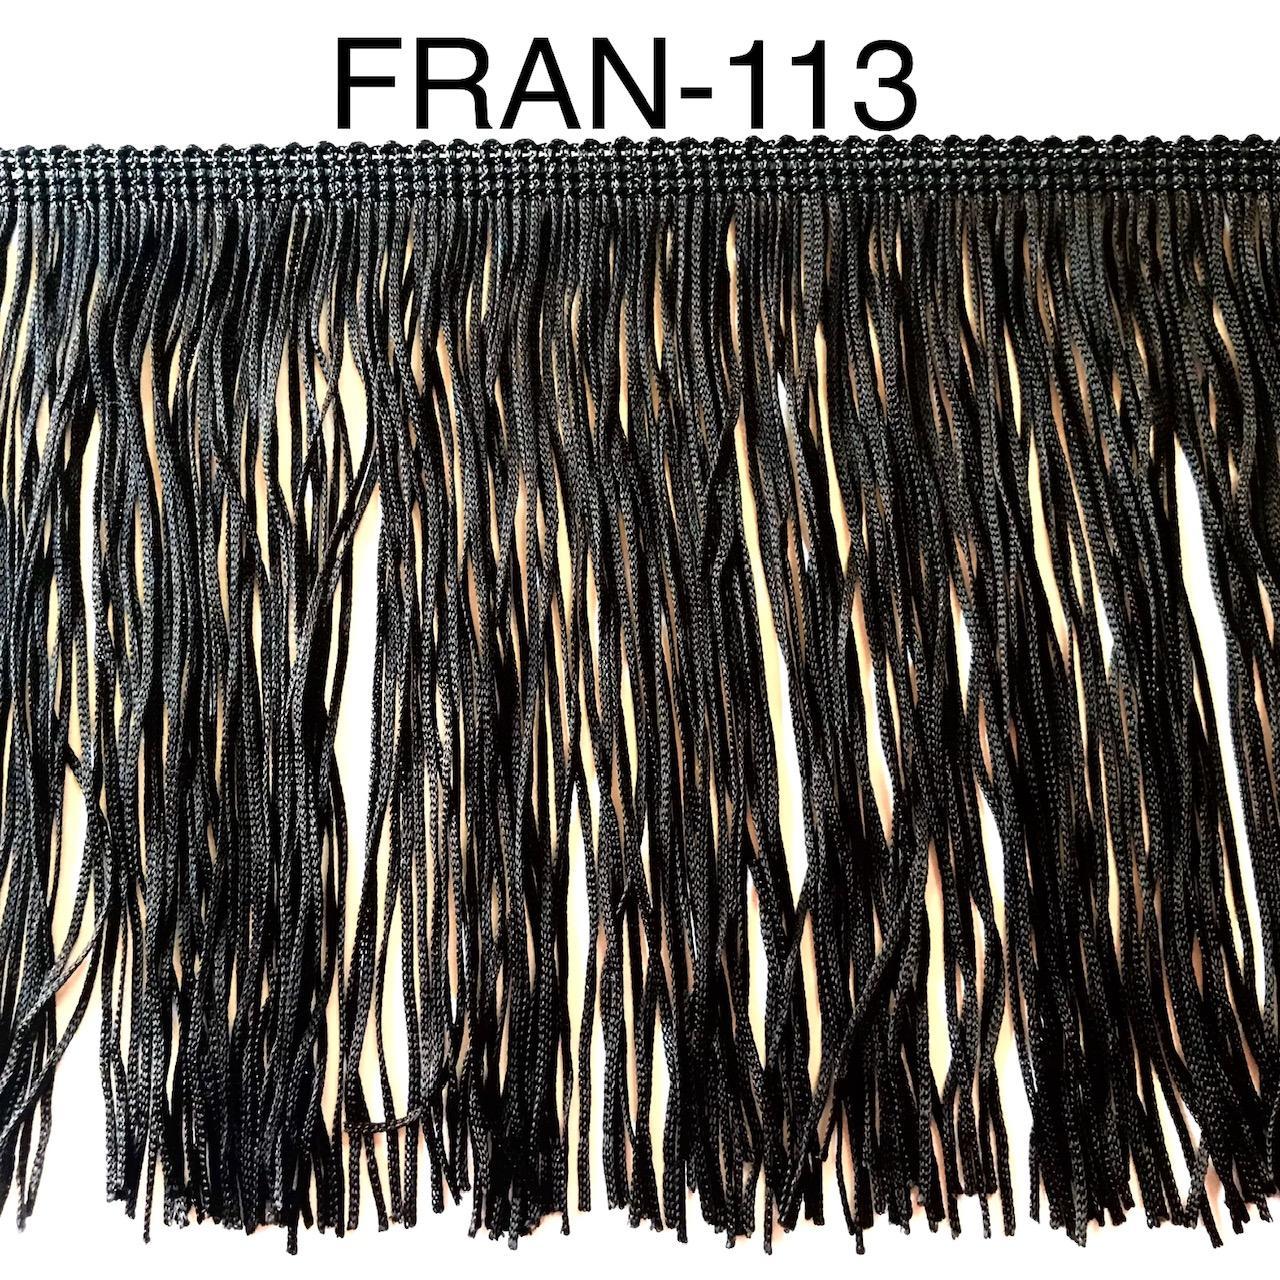 Franges a coudre 15cm 113